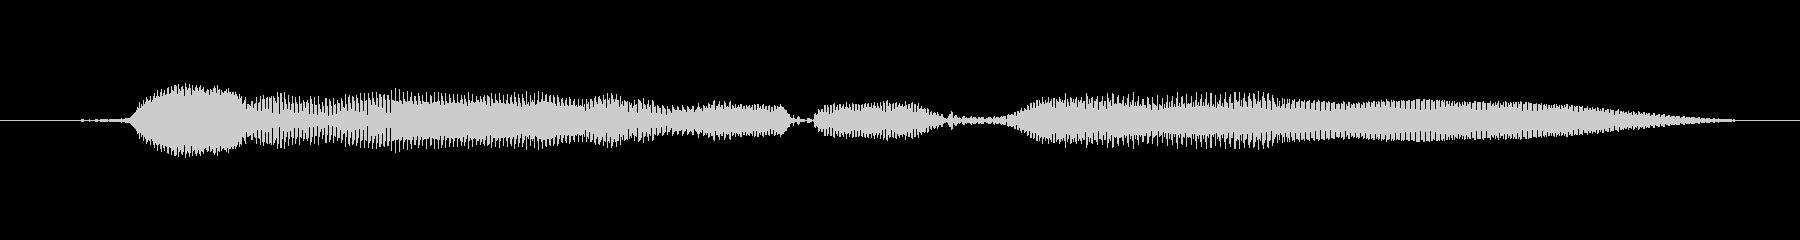 鳴き声 女性トークエルフィッシュ03の未再生の波形